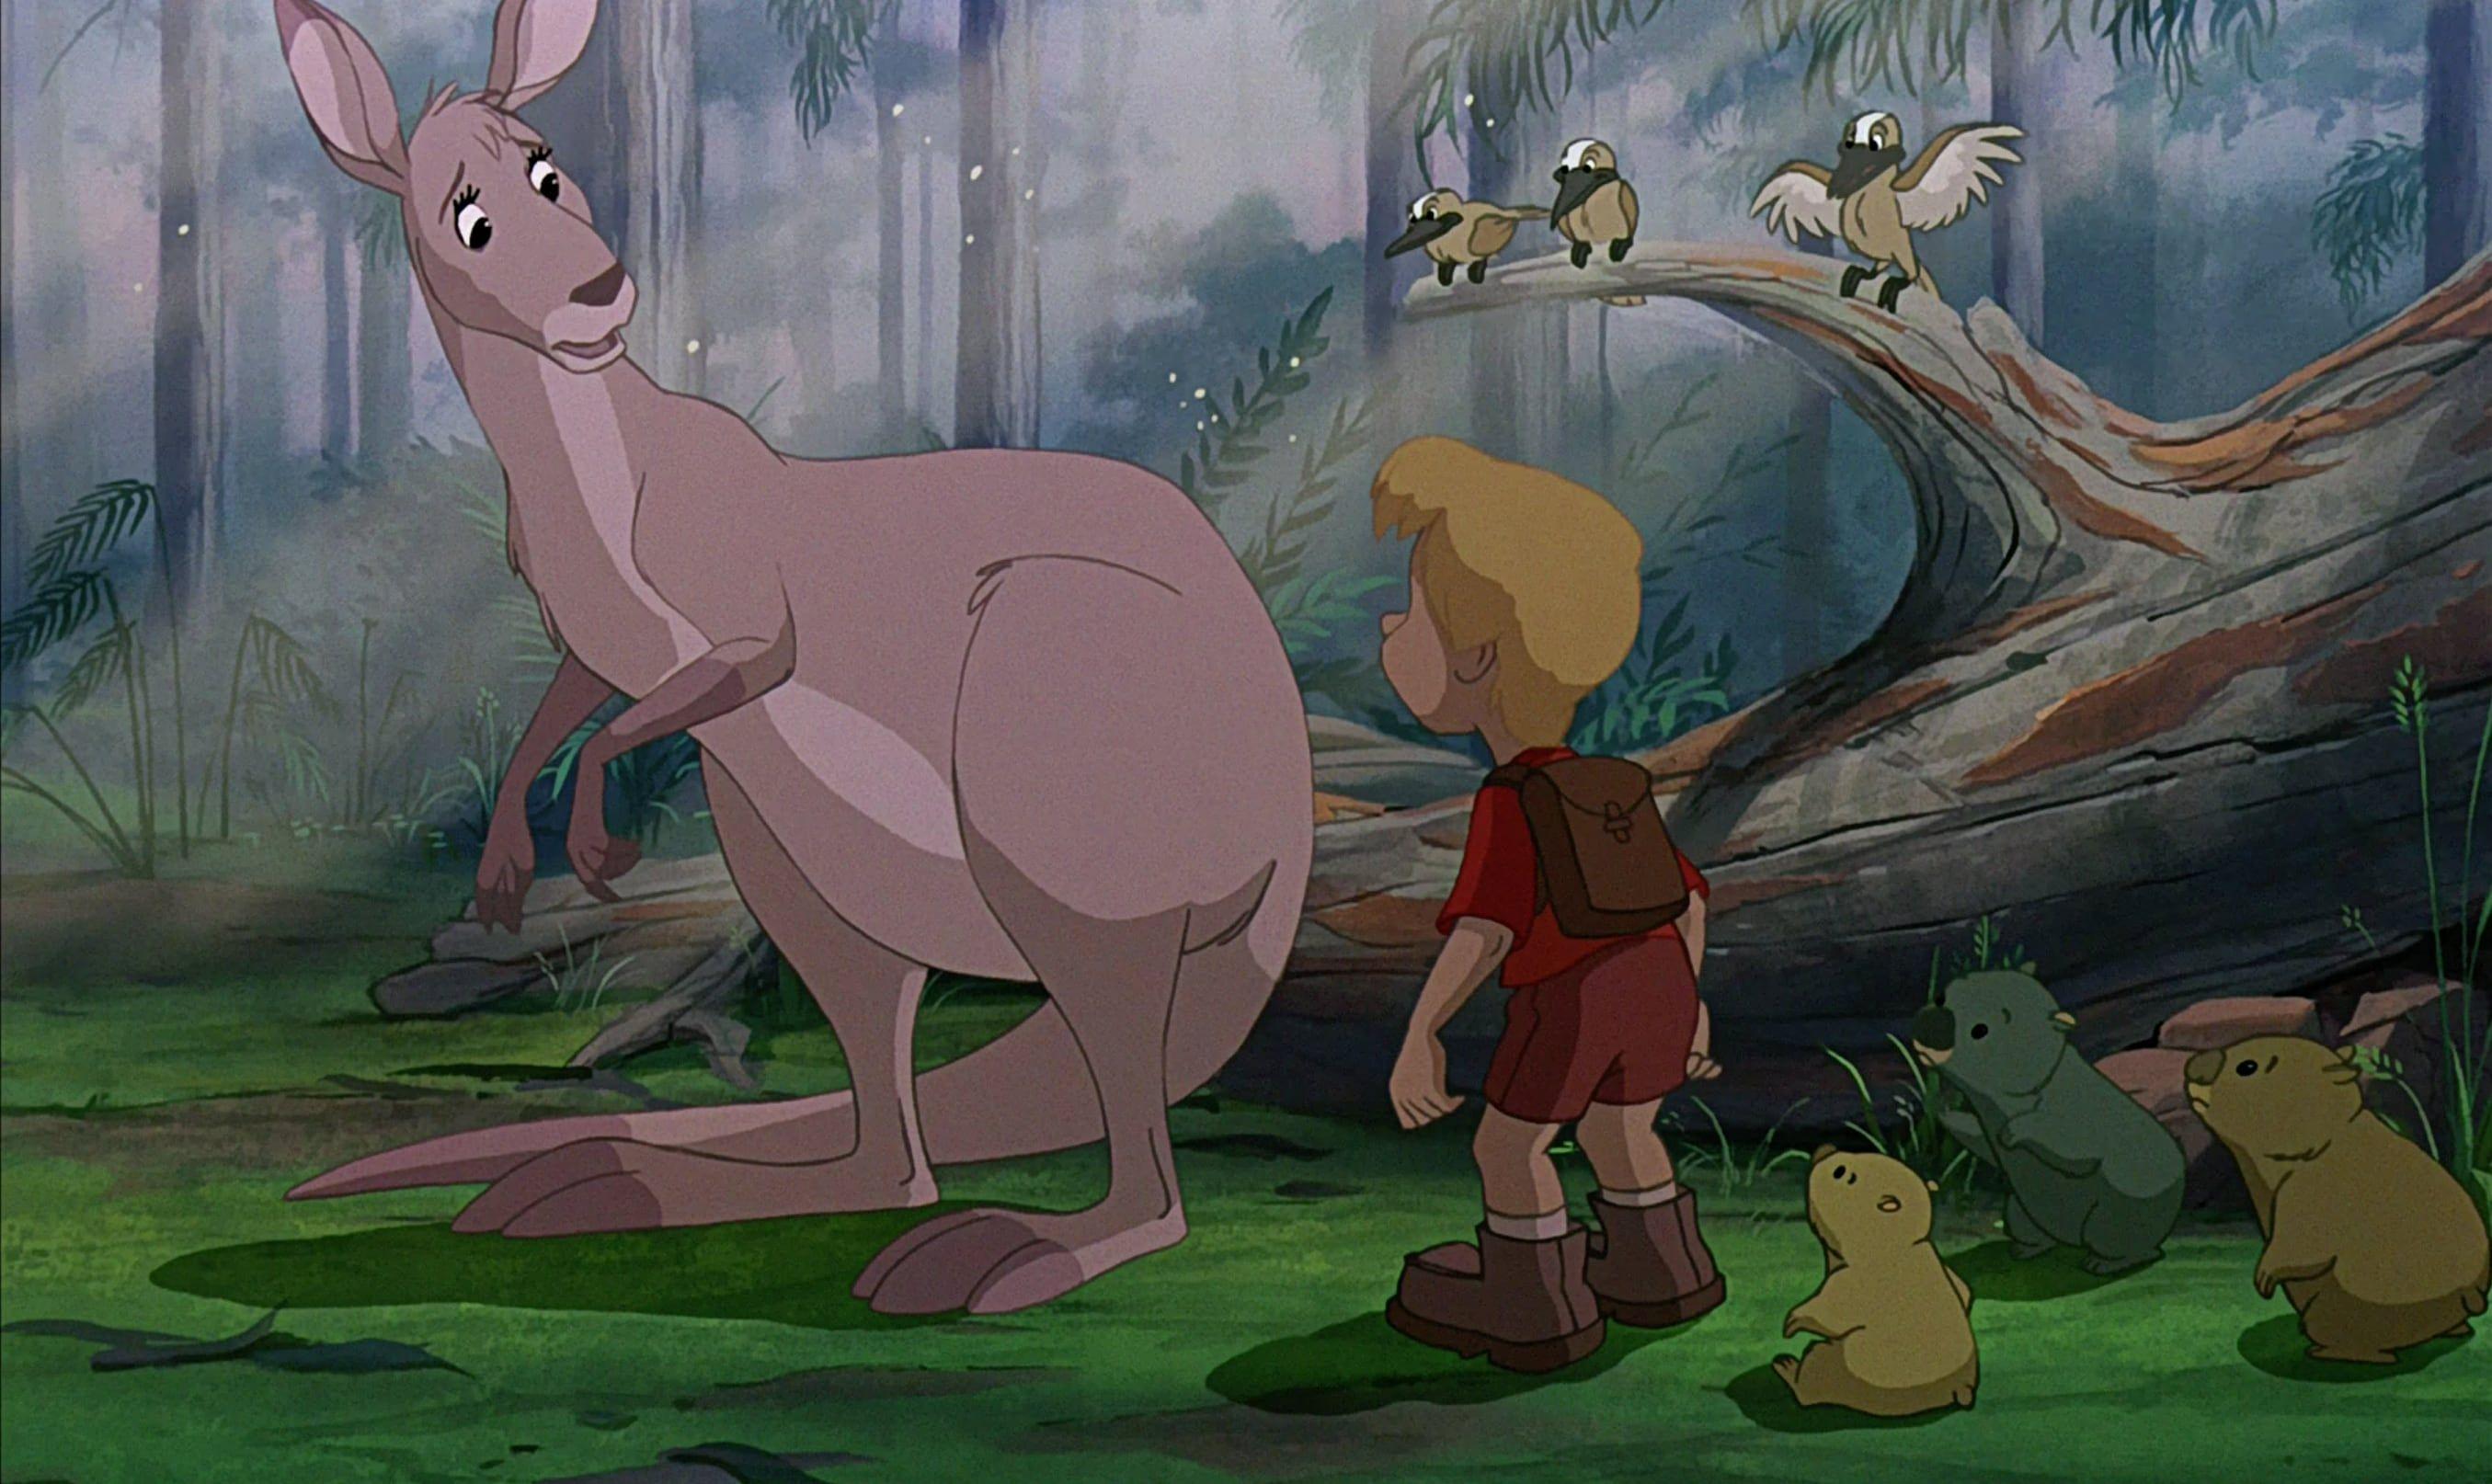 'The Rescuers Down Under' Bernardo e Bianca na Terra dos Cangurus: A história não contada de como a sequência mudou a Disney para sempre 4